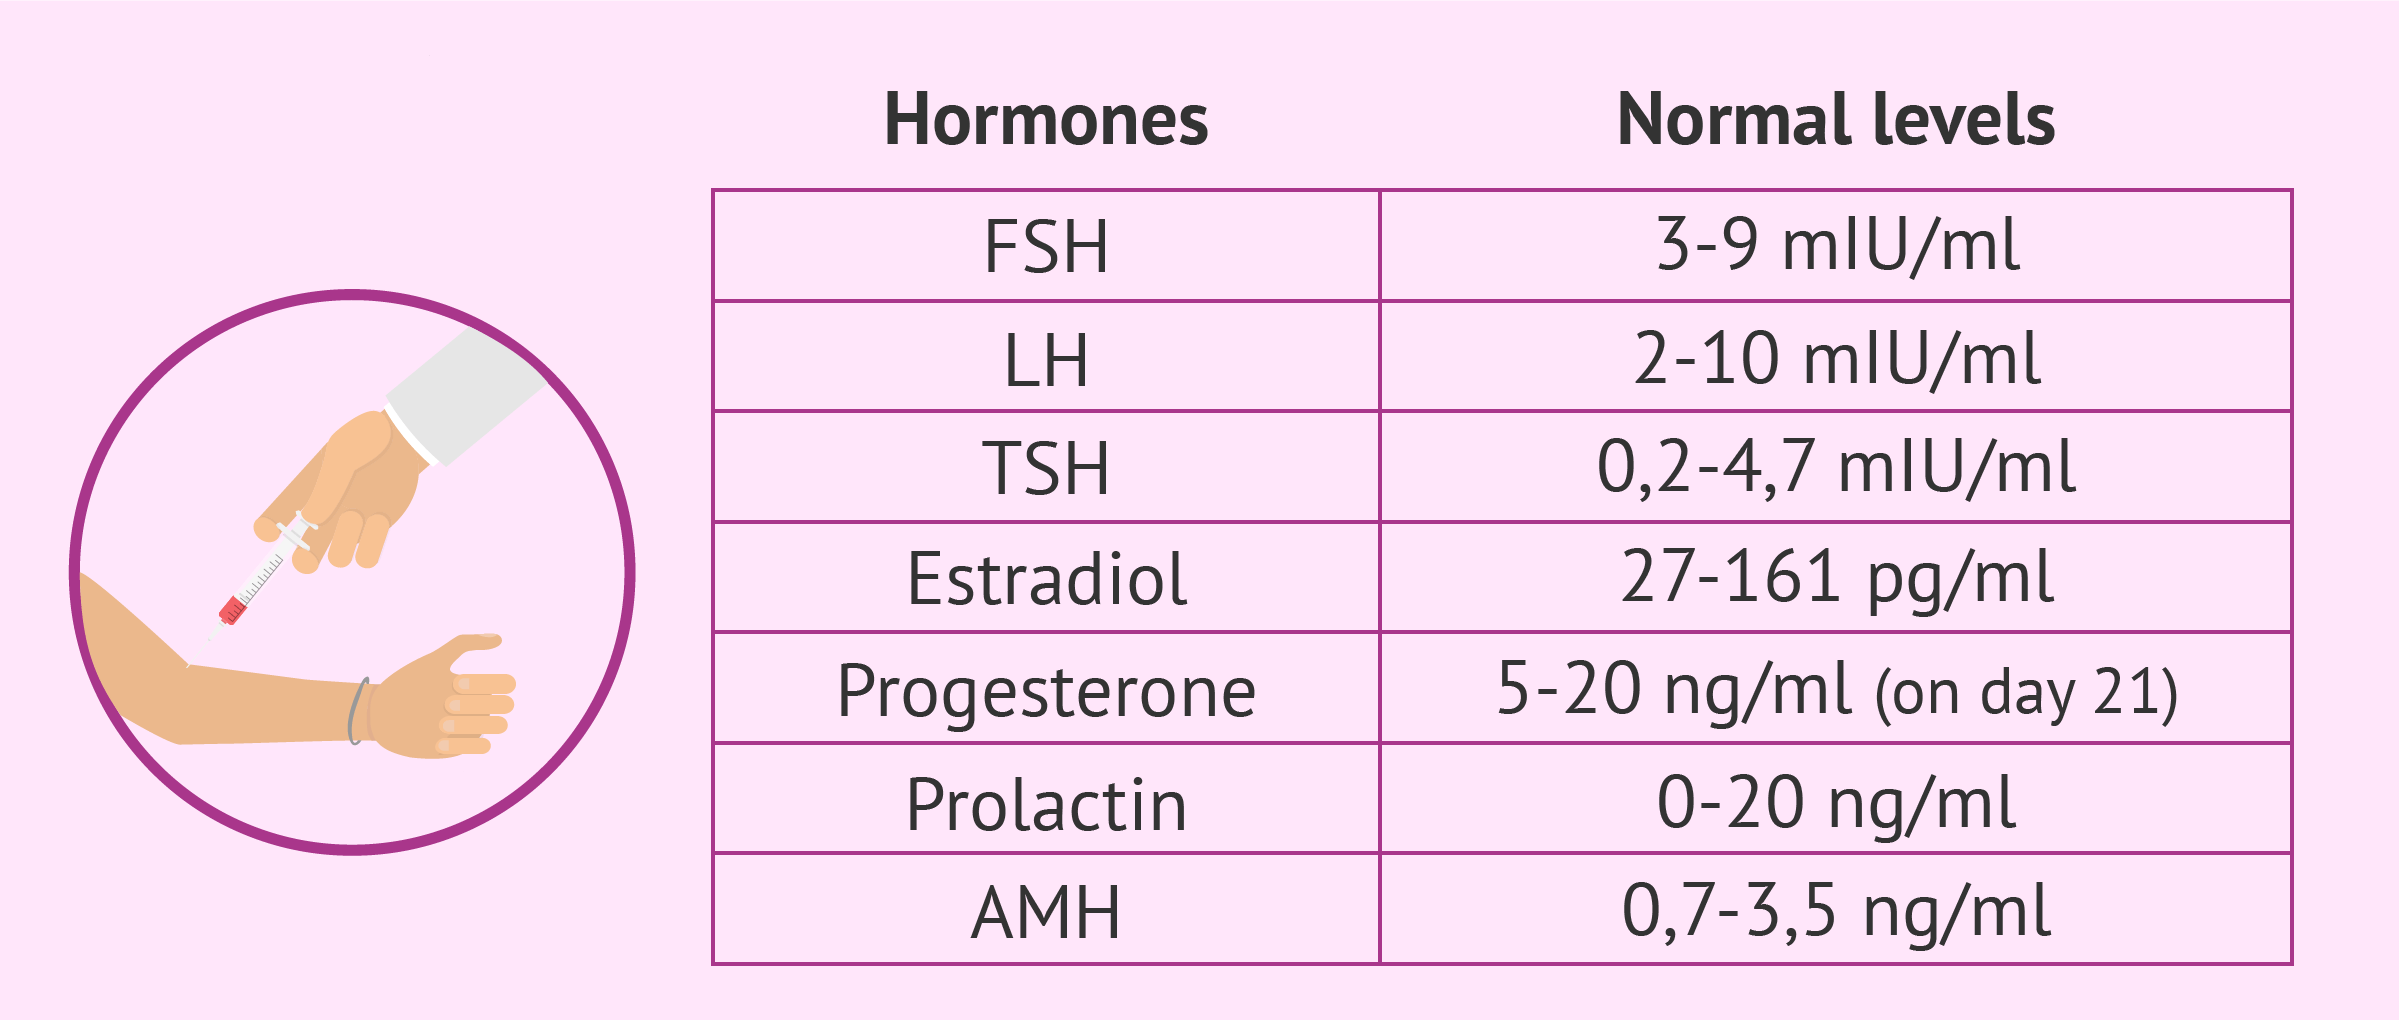 Normal hormone levels in women